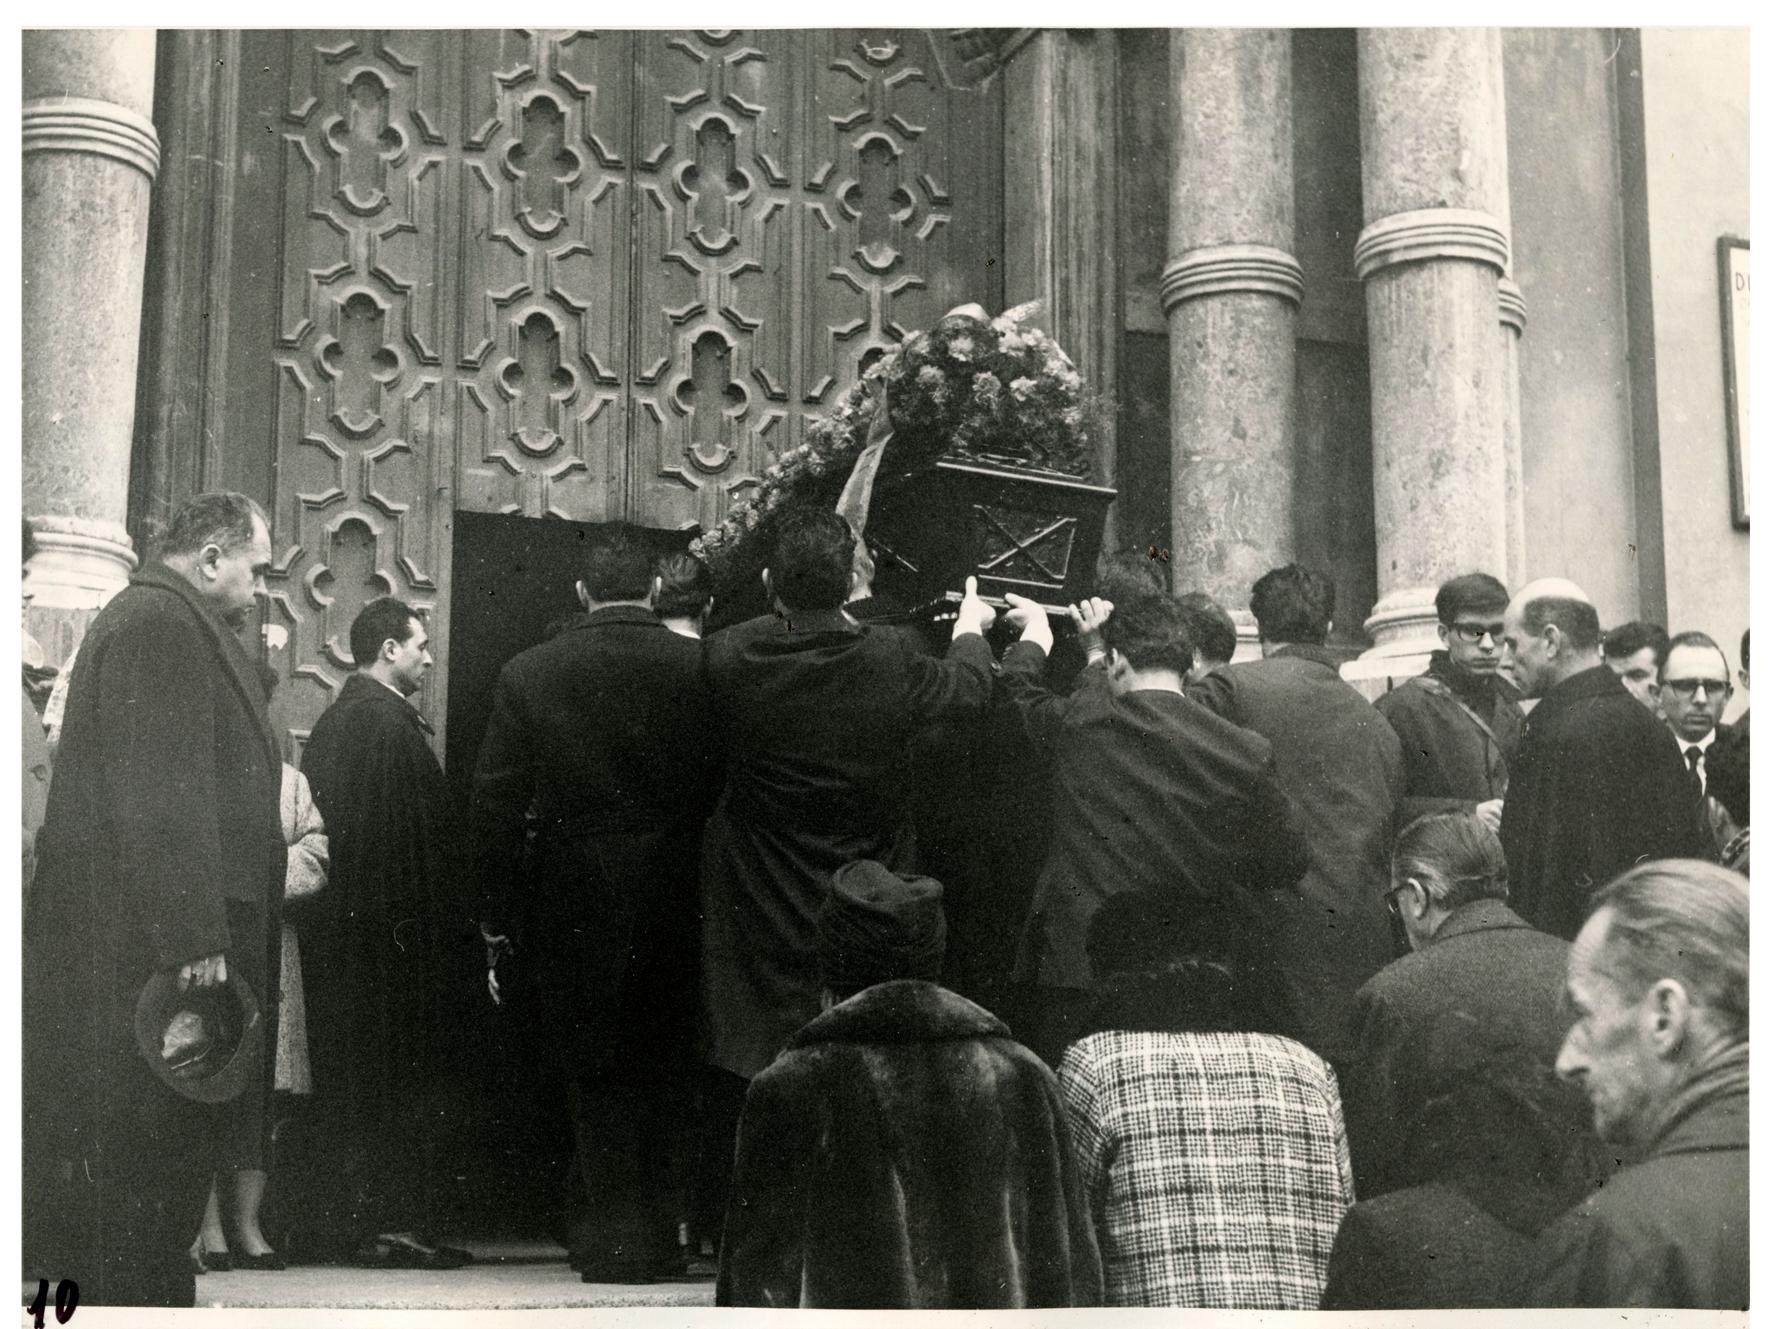 foto 10 funerale Ghslandi